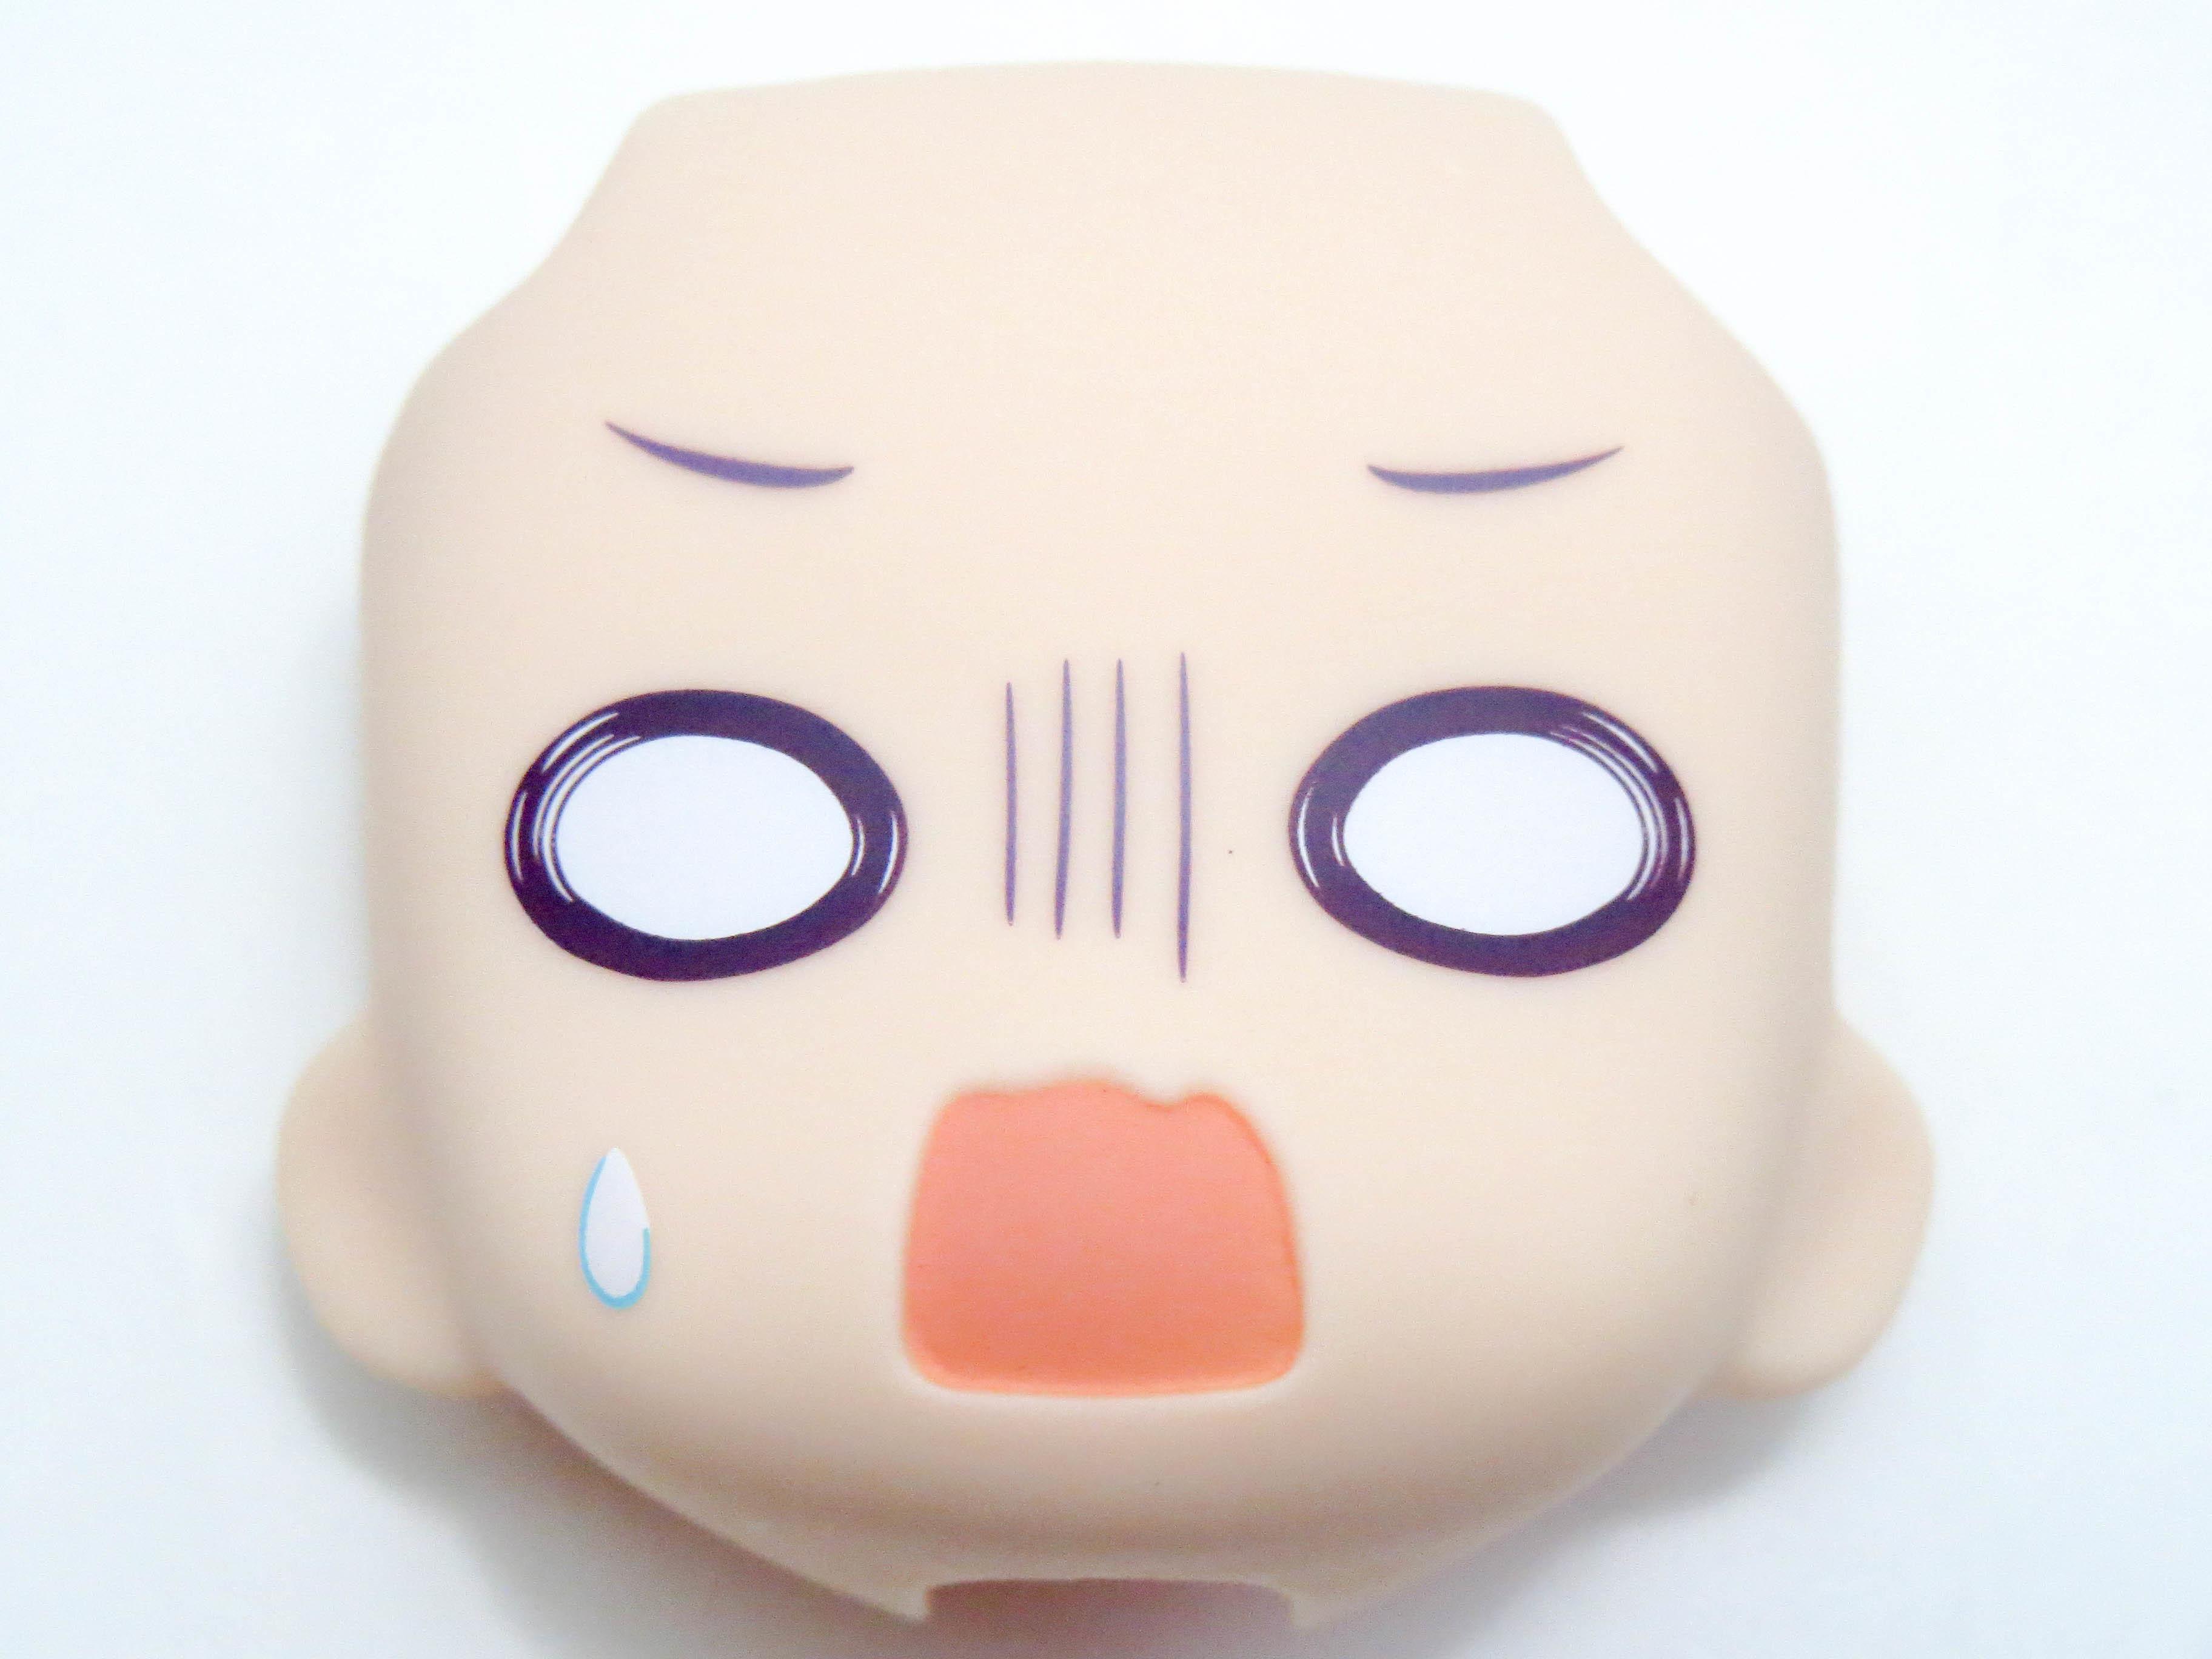 再入荷【871】 桜ノ宮苺香 顔パーツ あわわ顔 ねんどろいど